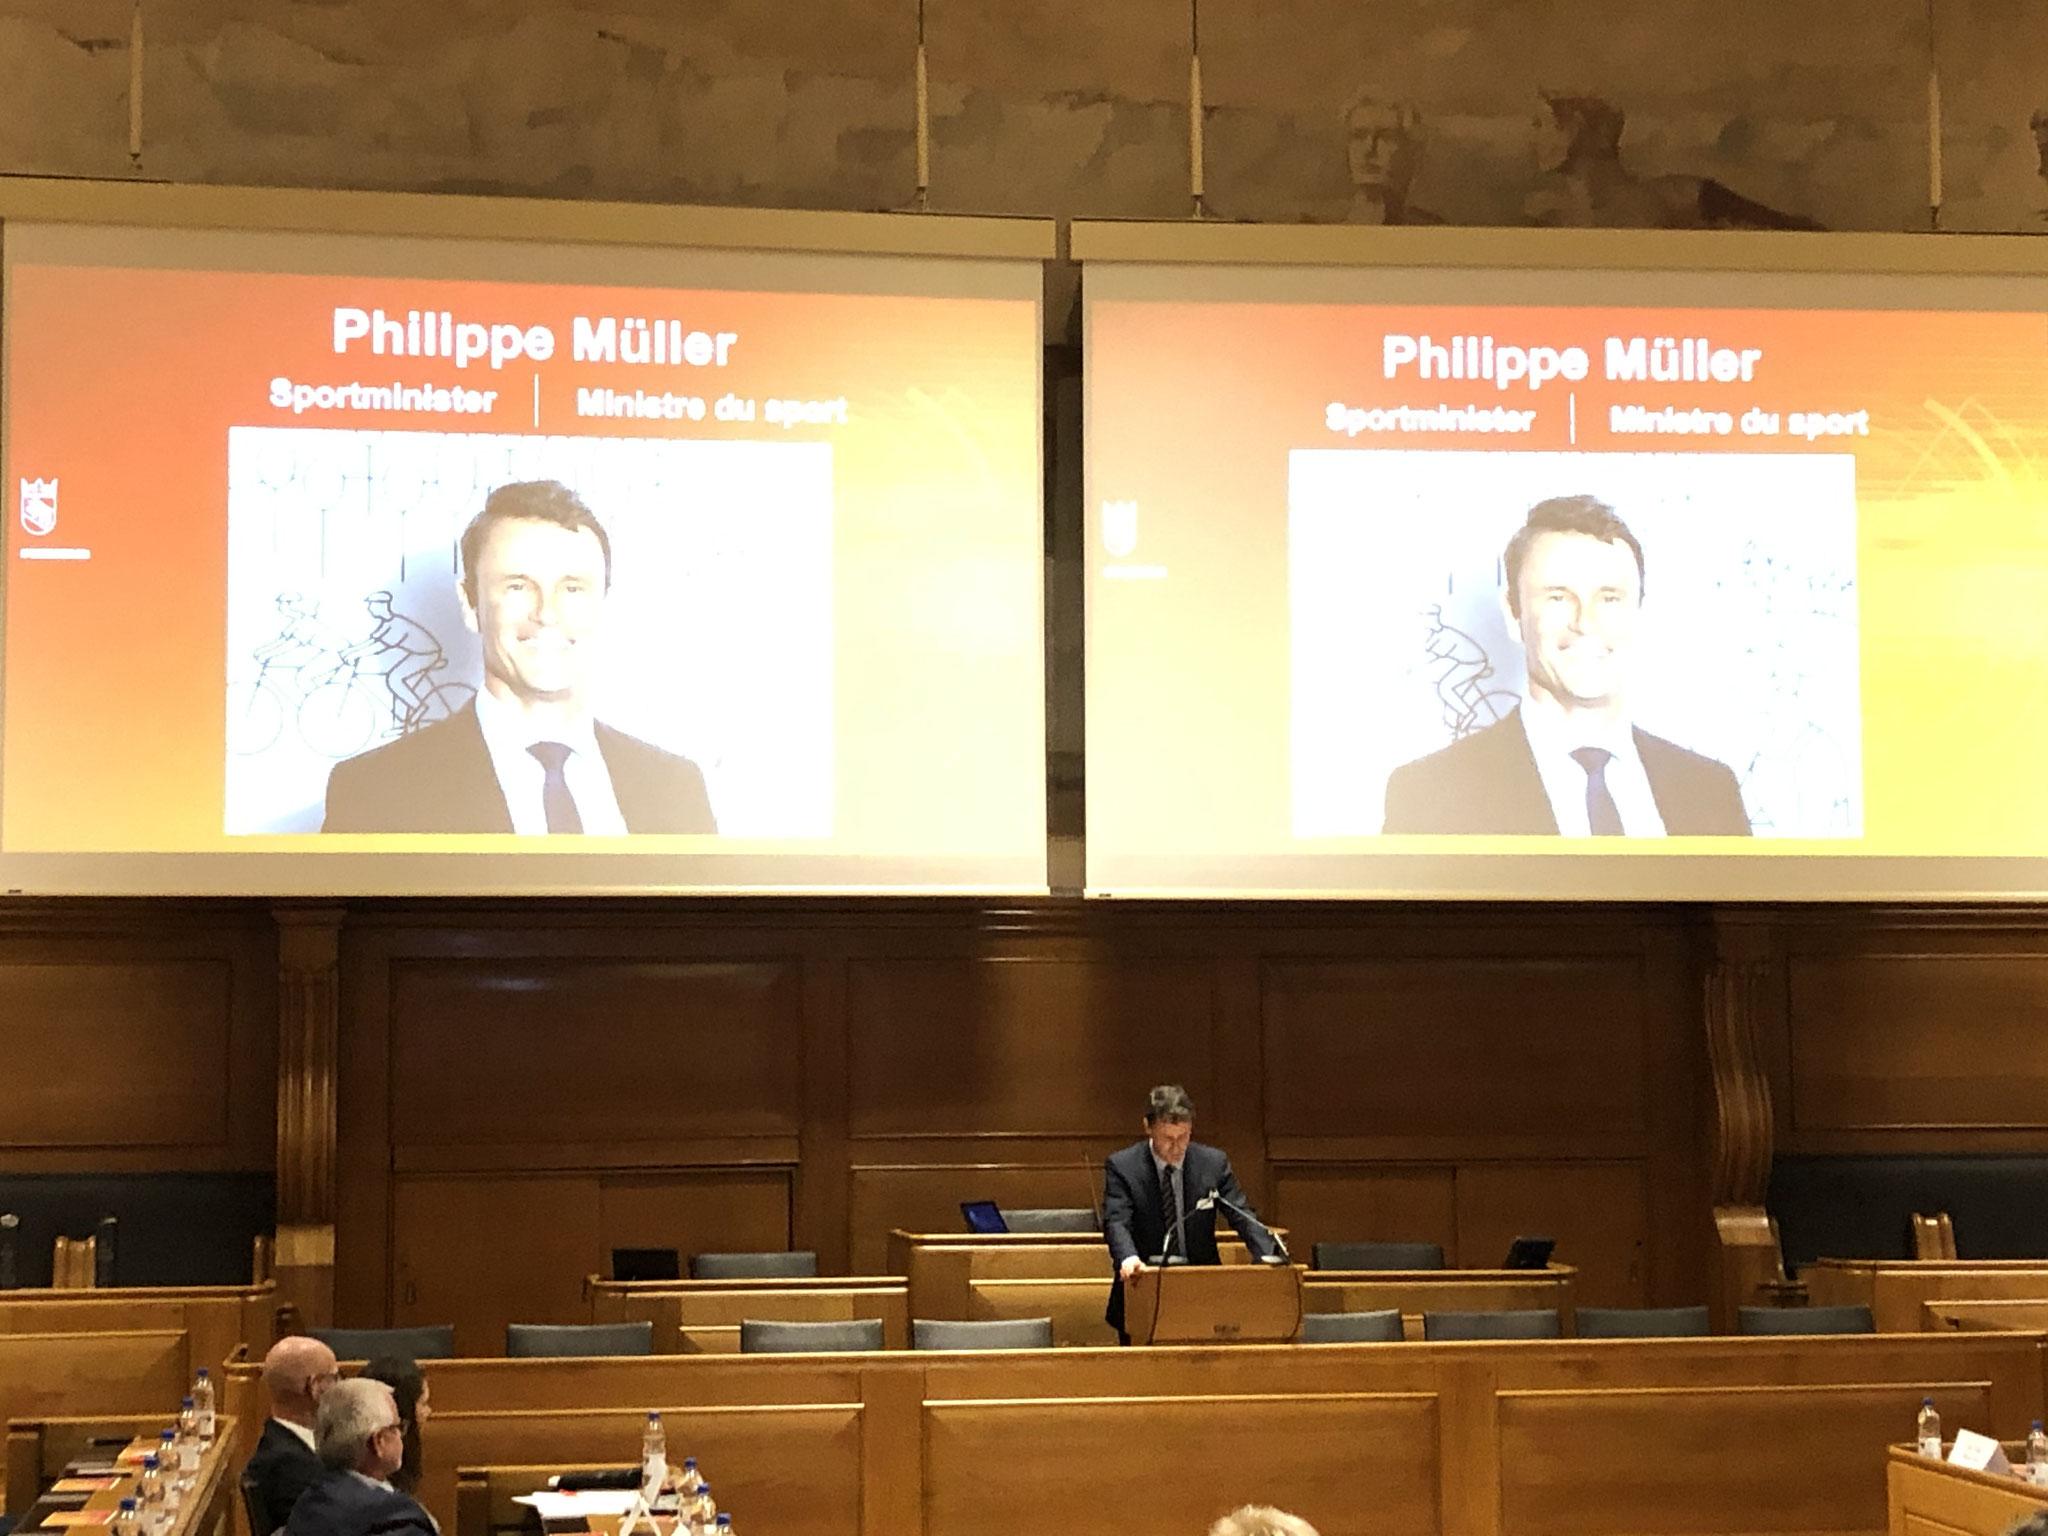 Regierungsrat Philippe Müller, Polizei- und Militärdirektion hielt eine interessante Ansprache.